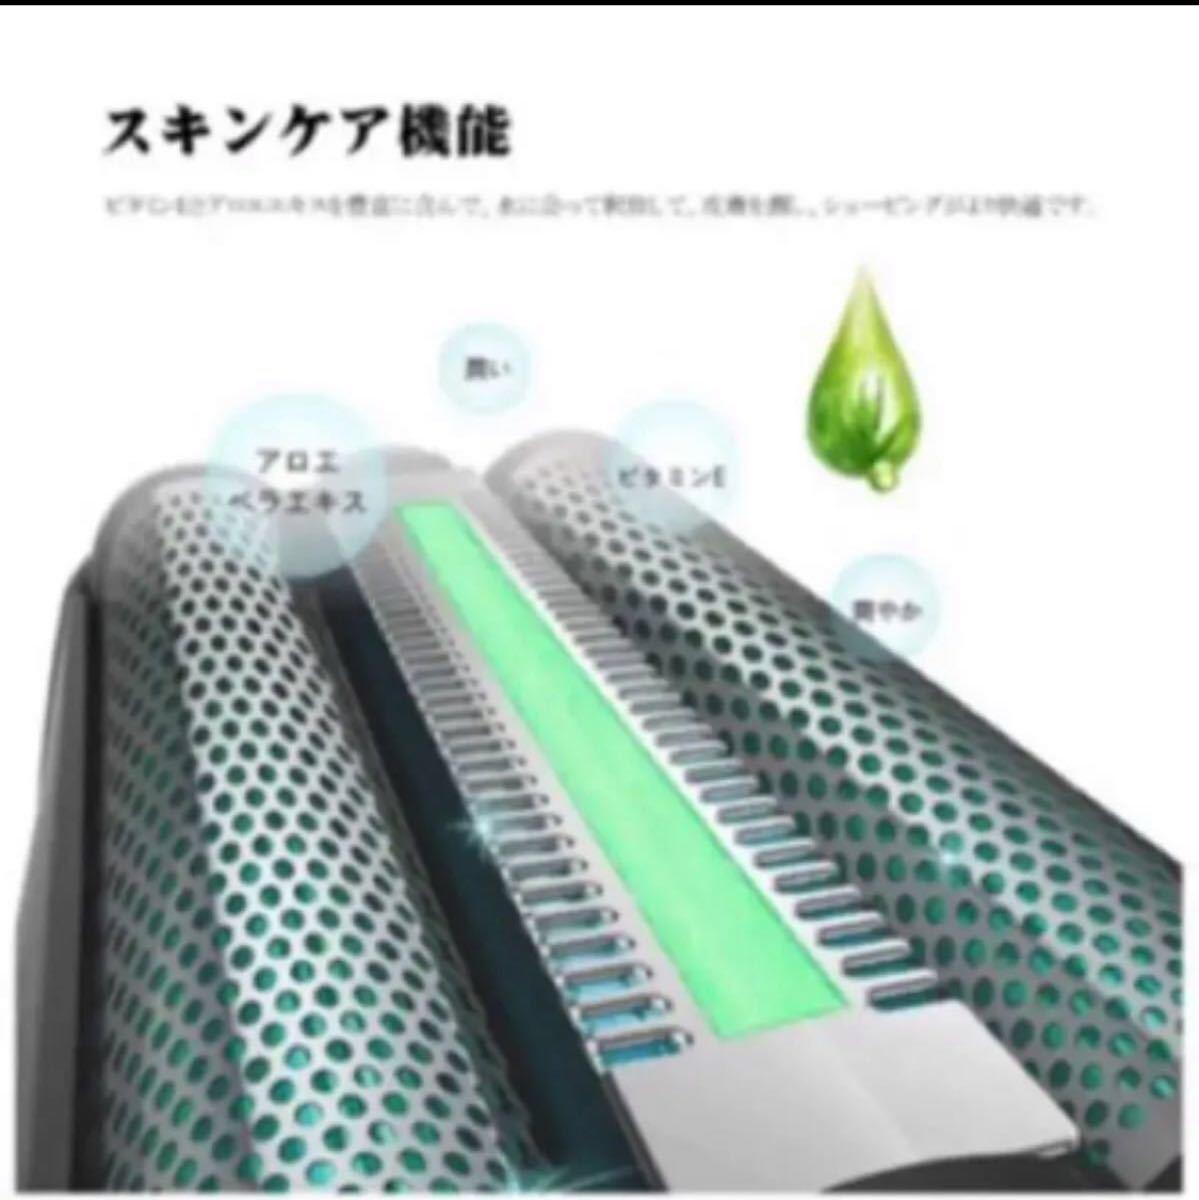 アポセン 電気シェーバー メンズシェーバー 多機能ひげそり 往復式 カミソリ LEDディスプレー USB充電式